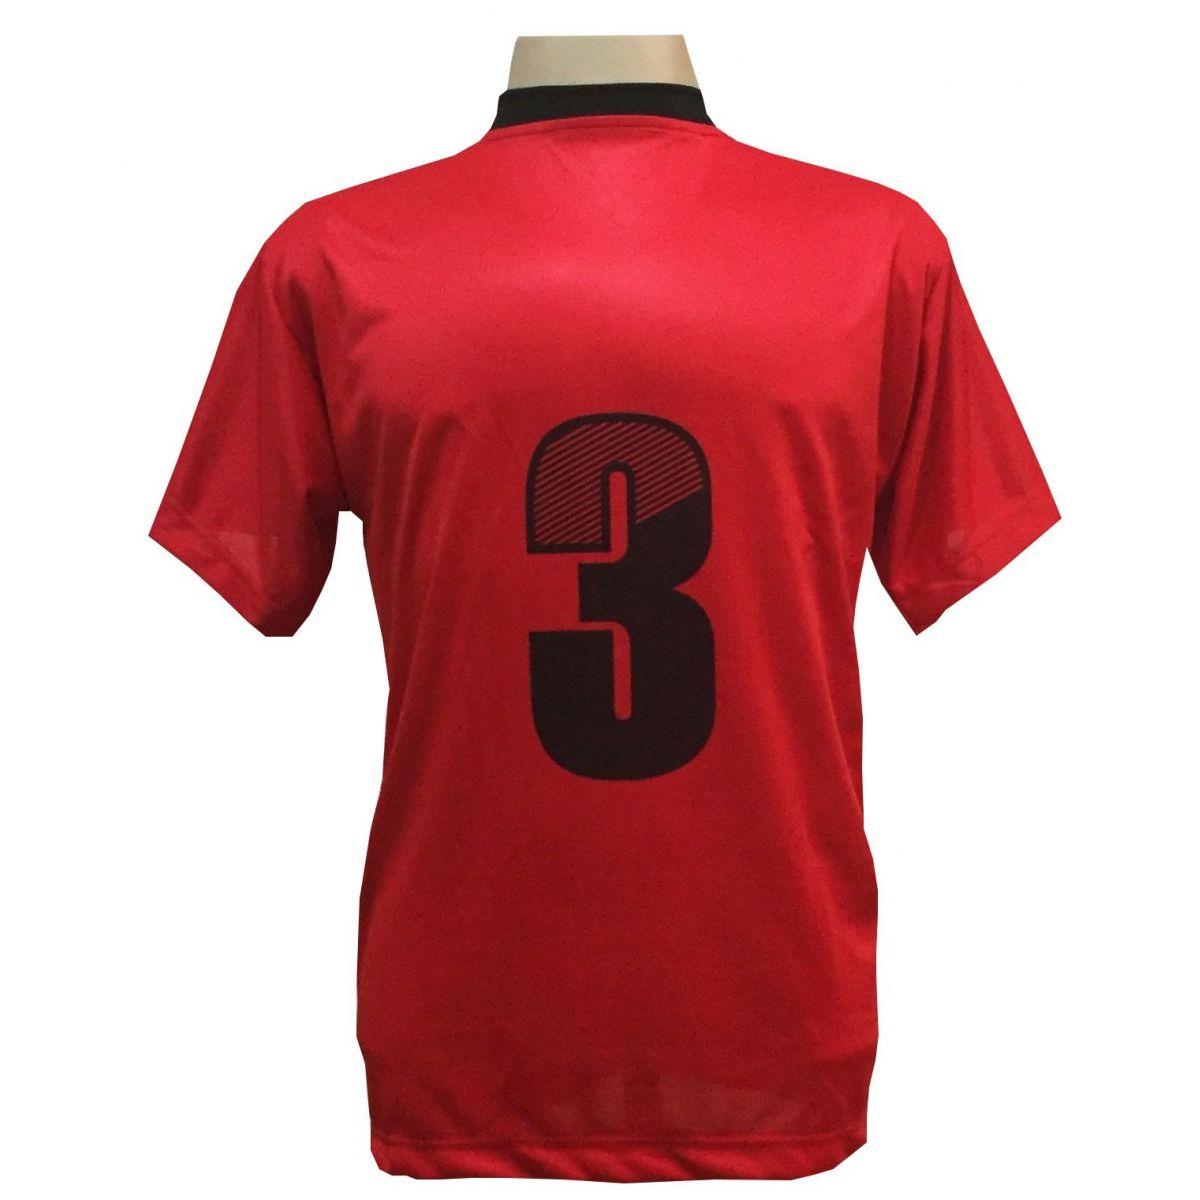 Uniforme Esportivo com 18 Camisas modelo Roma Vermelho/Preto + 18 Calções modelo Copa Preto/Vermelho